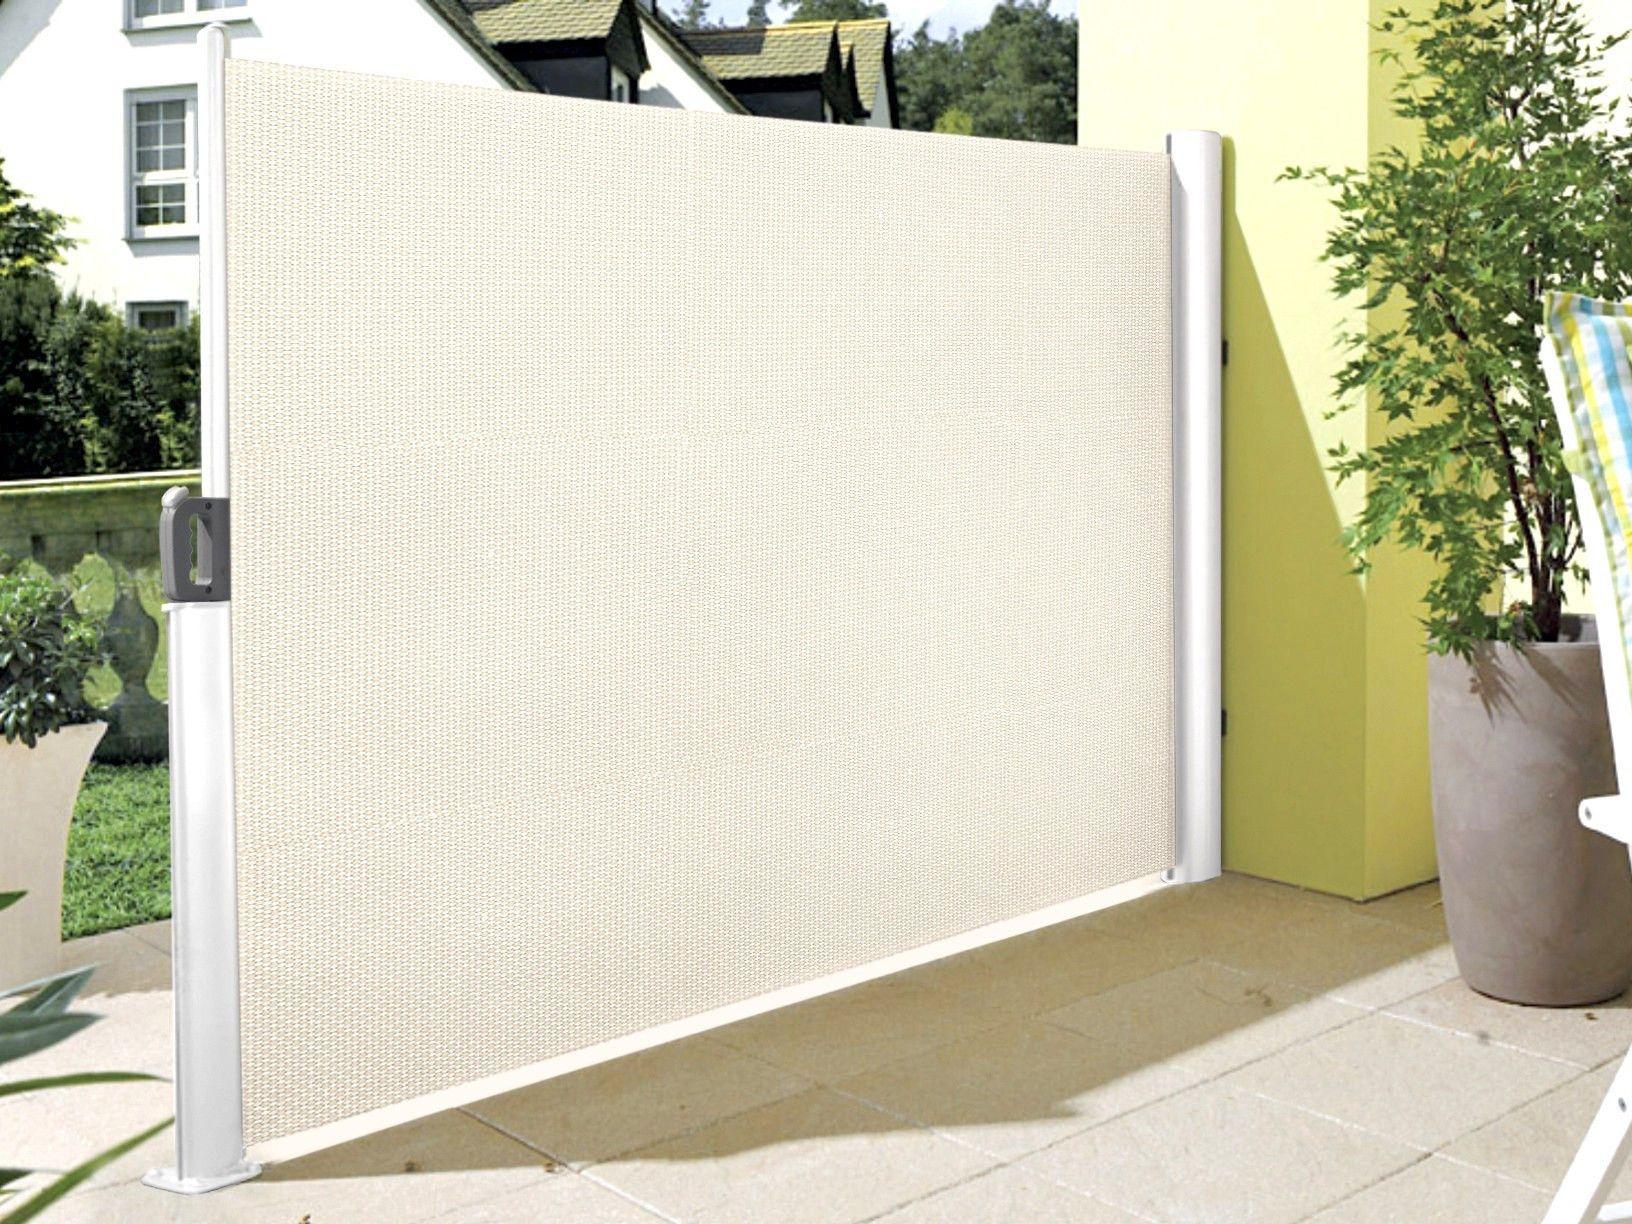 Frisch 40 Zum Sichtschutz Ausziehbar Freistehend Sonnenschutz